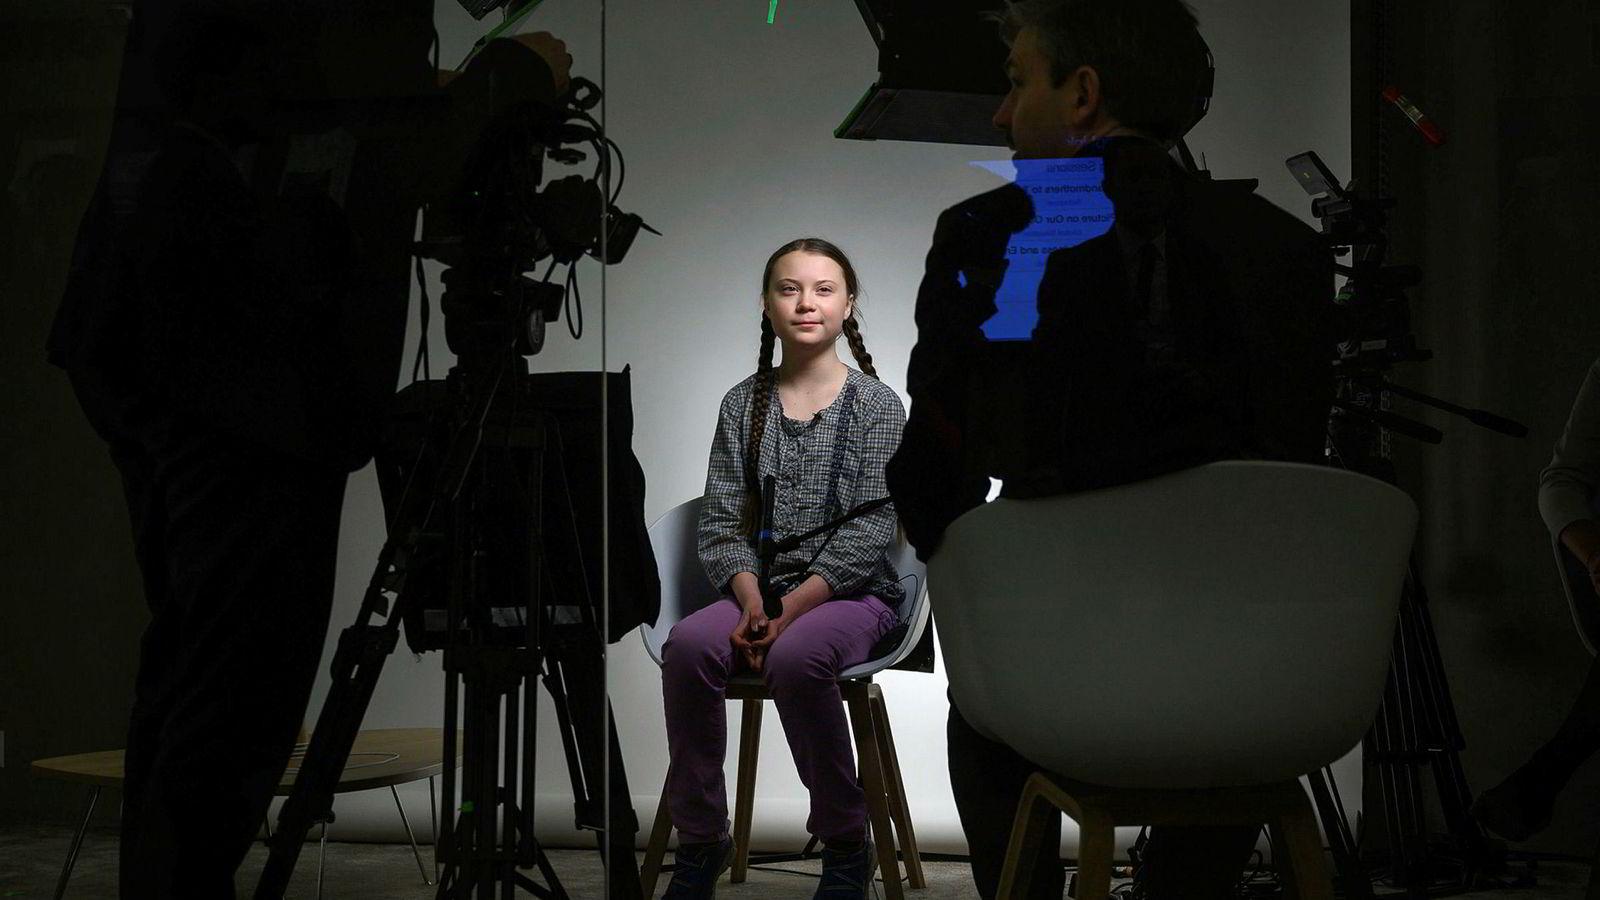 Det «normale» har aldri endret noen ting, sies det. Svenske Greta Thunberg (12) ble verdenskjent da hun uten blygsel fortalte FN at barn ikke lenger kan stole på at de voksne tar ansvar for fremtiden.